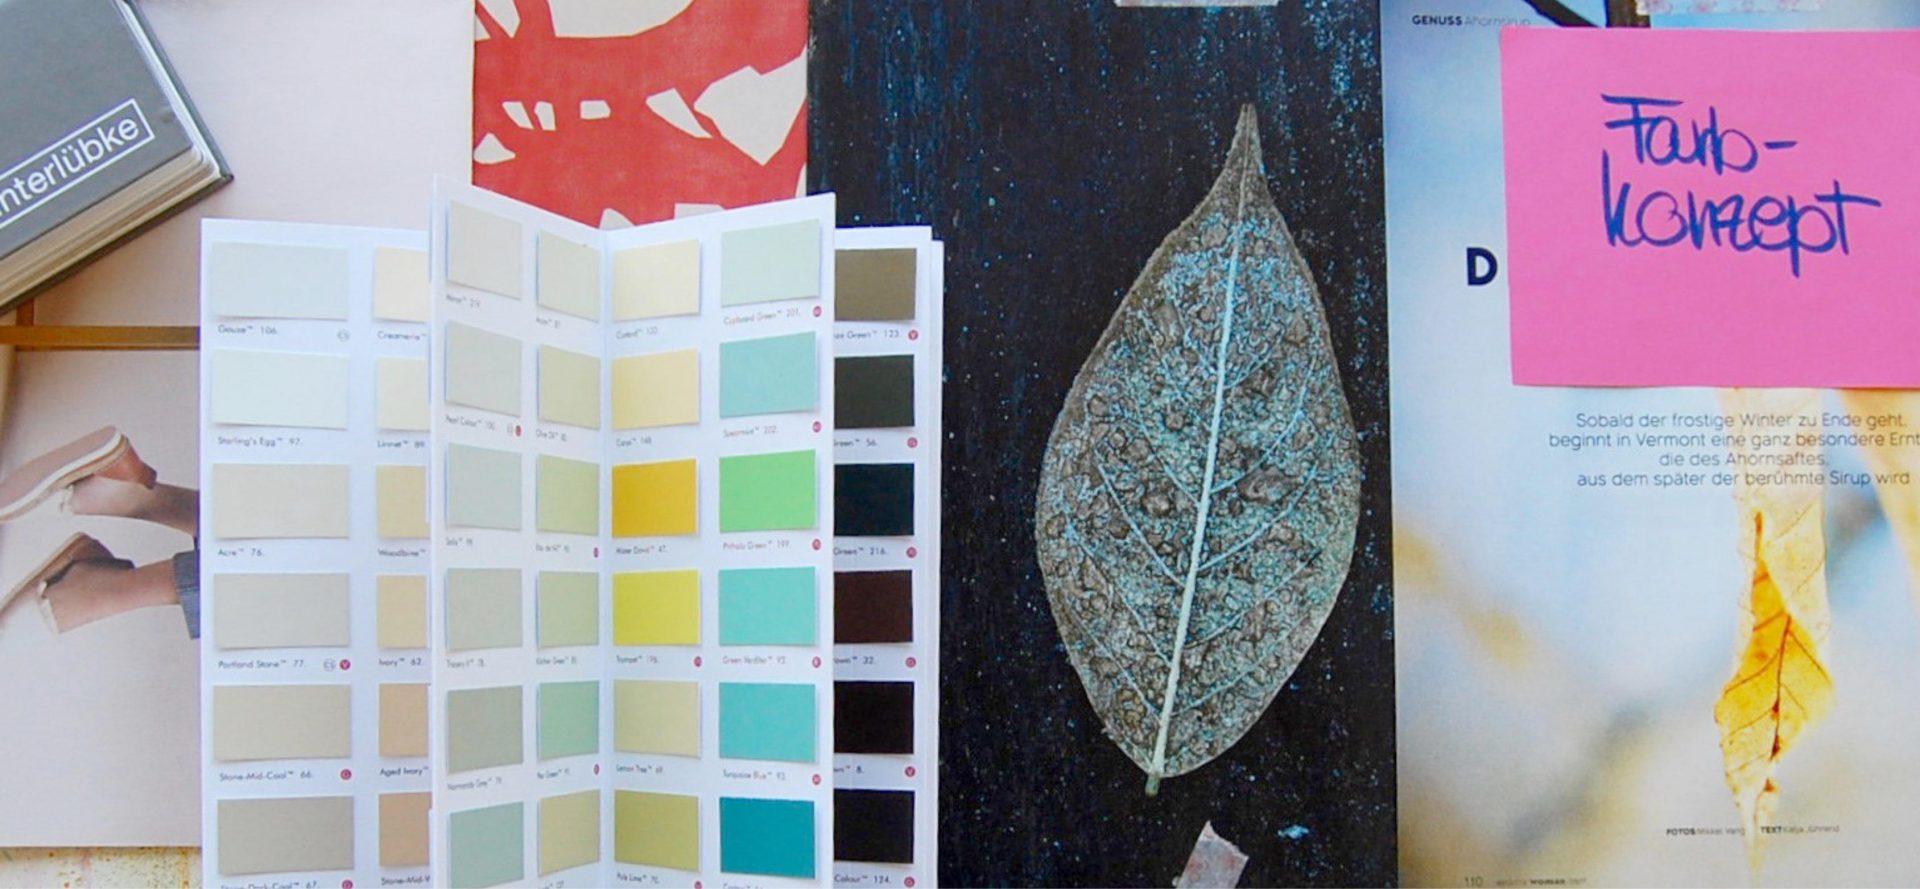 Farbkonzepte Innenarchitektur